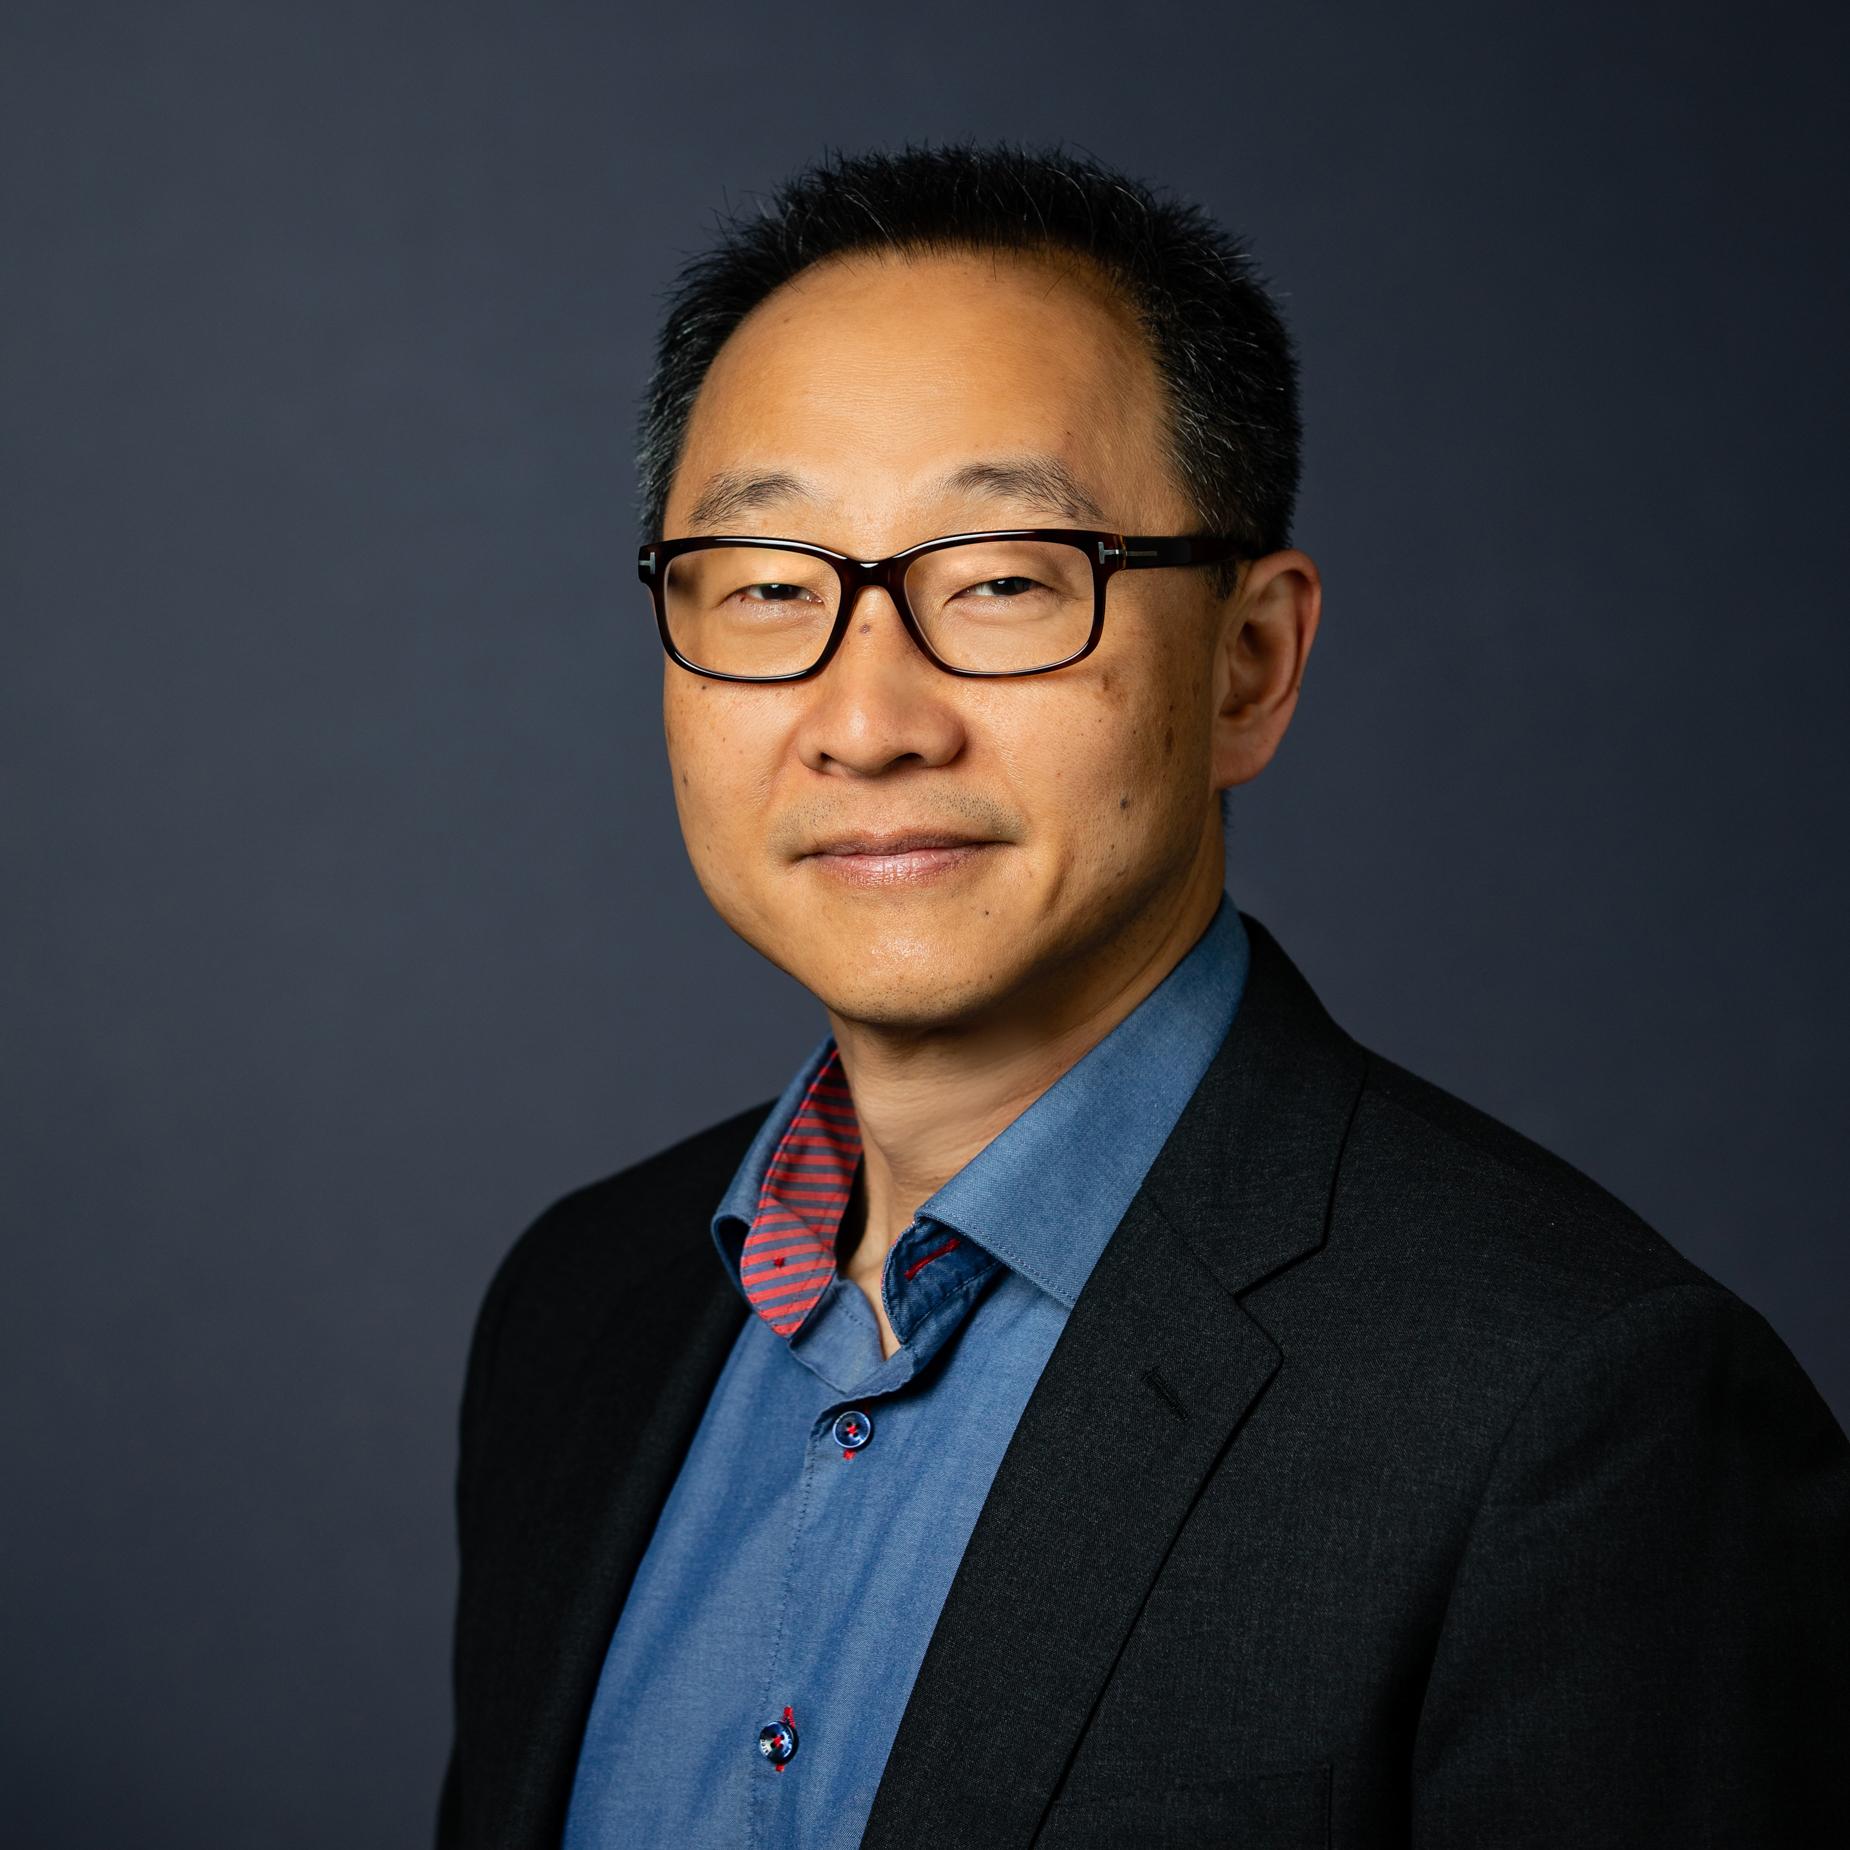 Jack Ahn